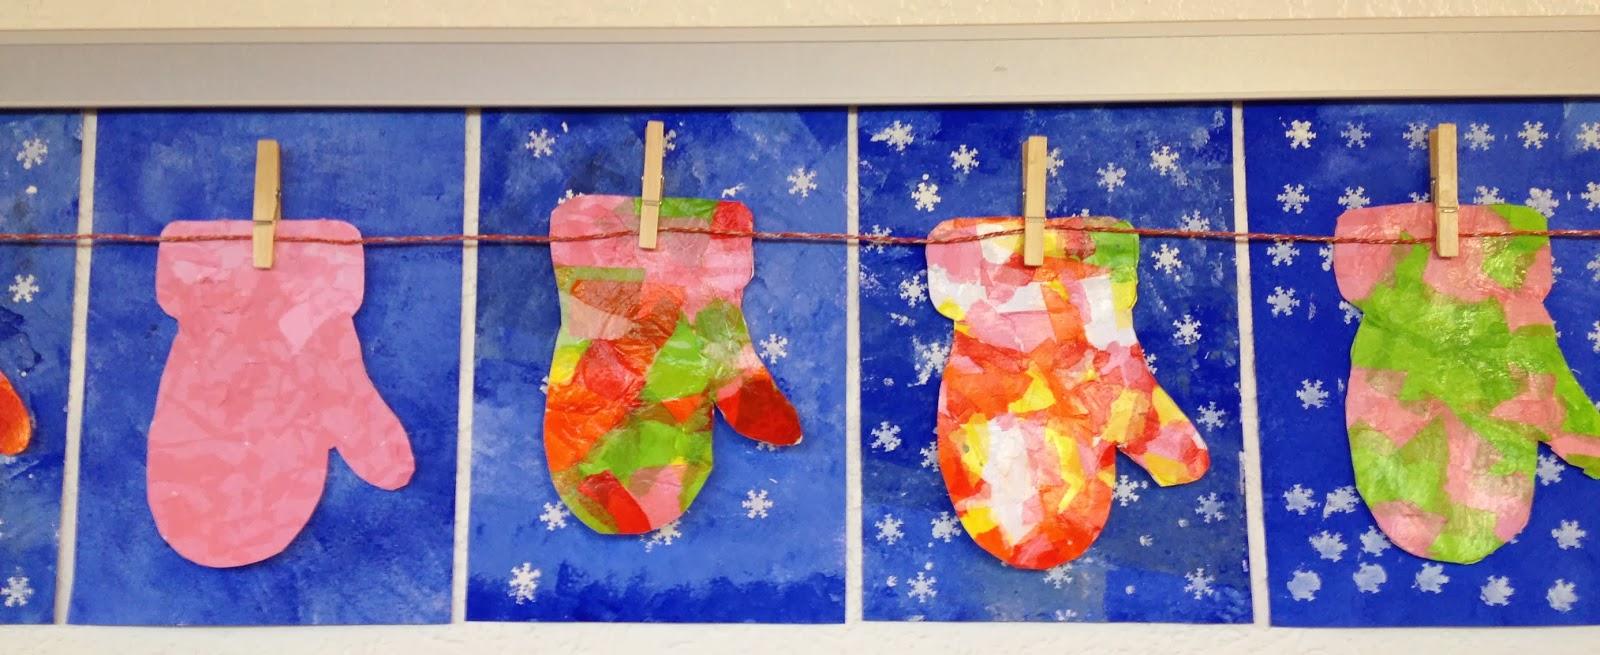 Klassenkunst Winterbild Handschuhe